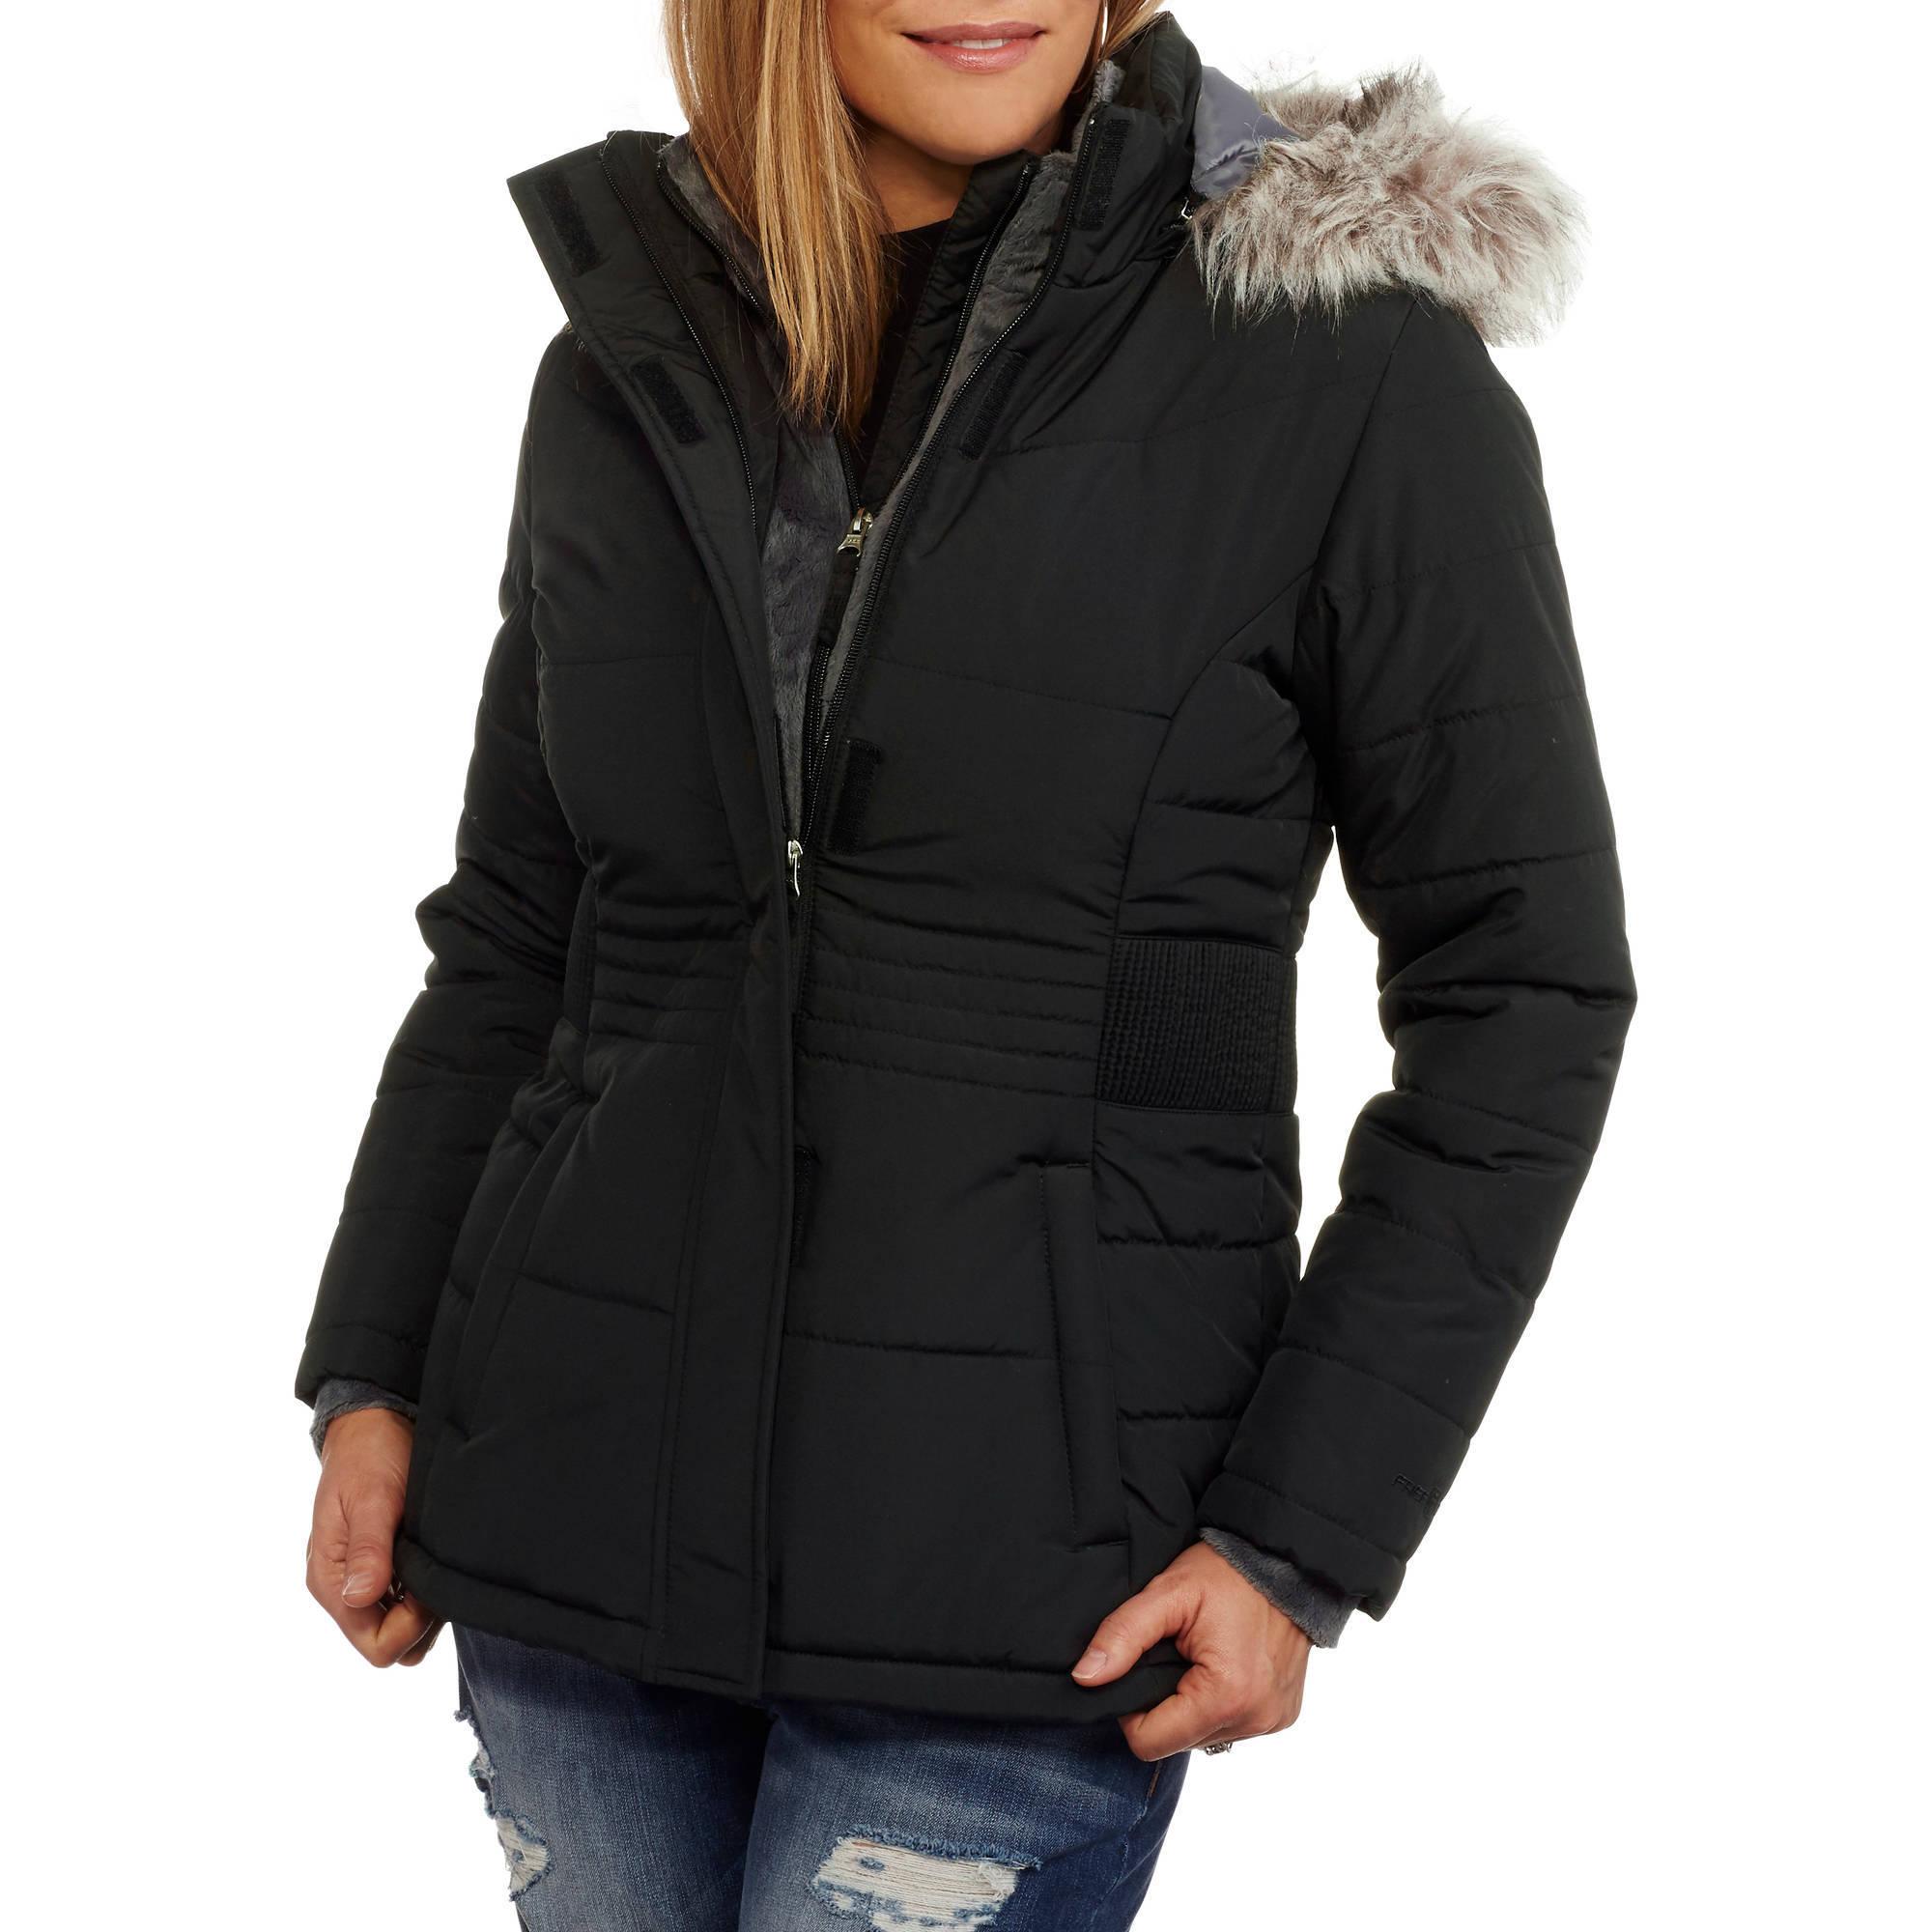 Women's Heavyweight Puffer Coat With Faux Fur Trim ...